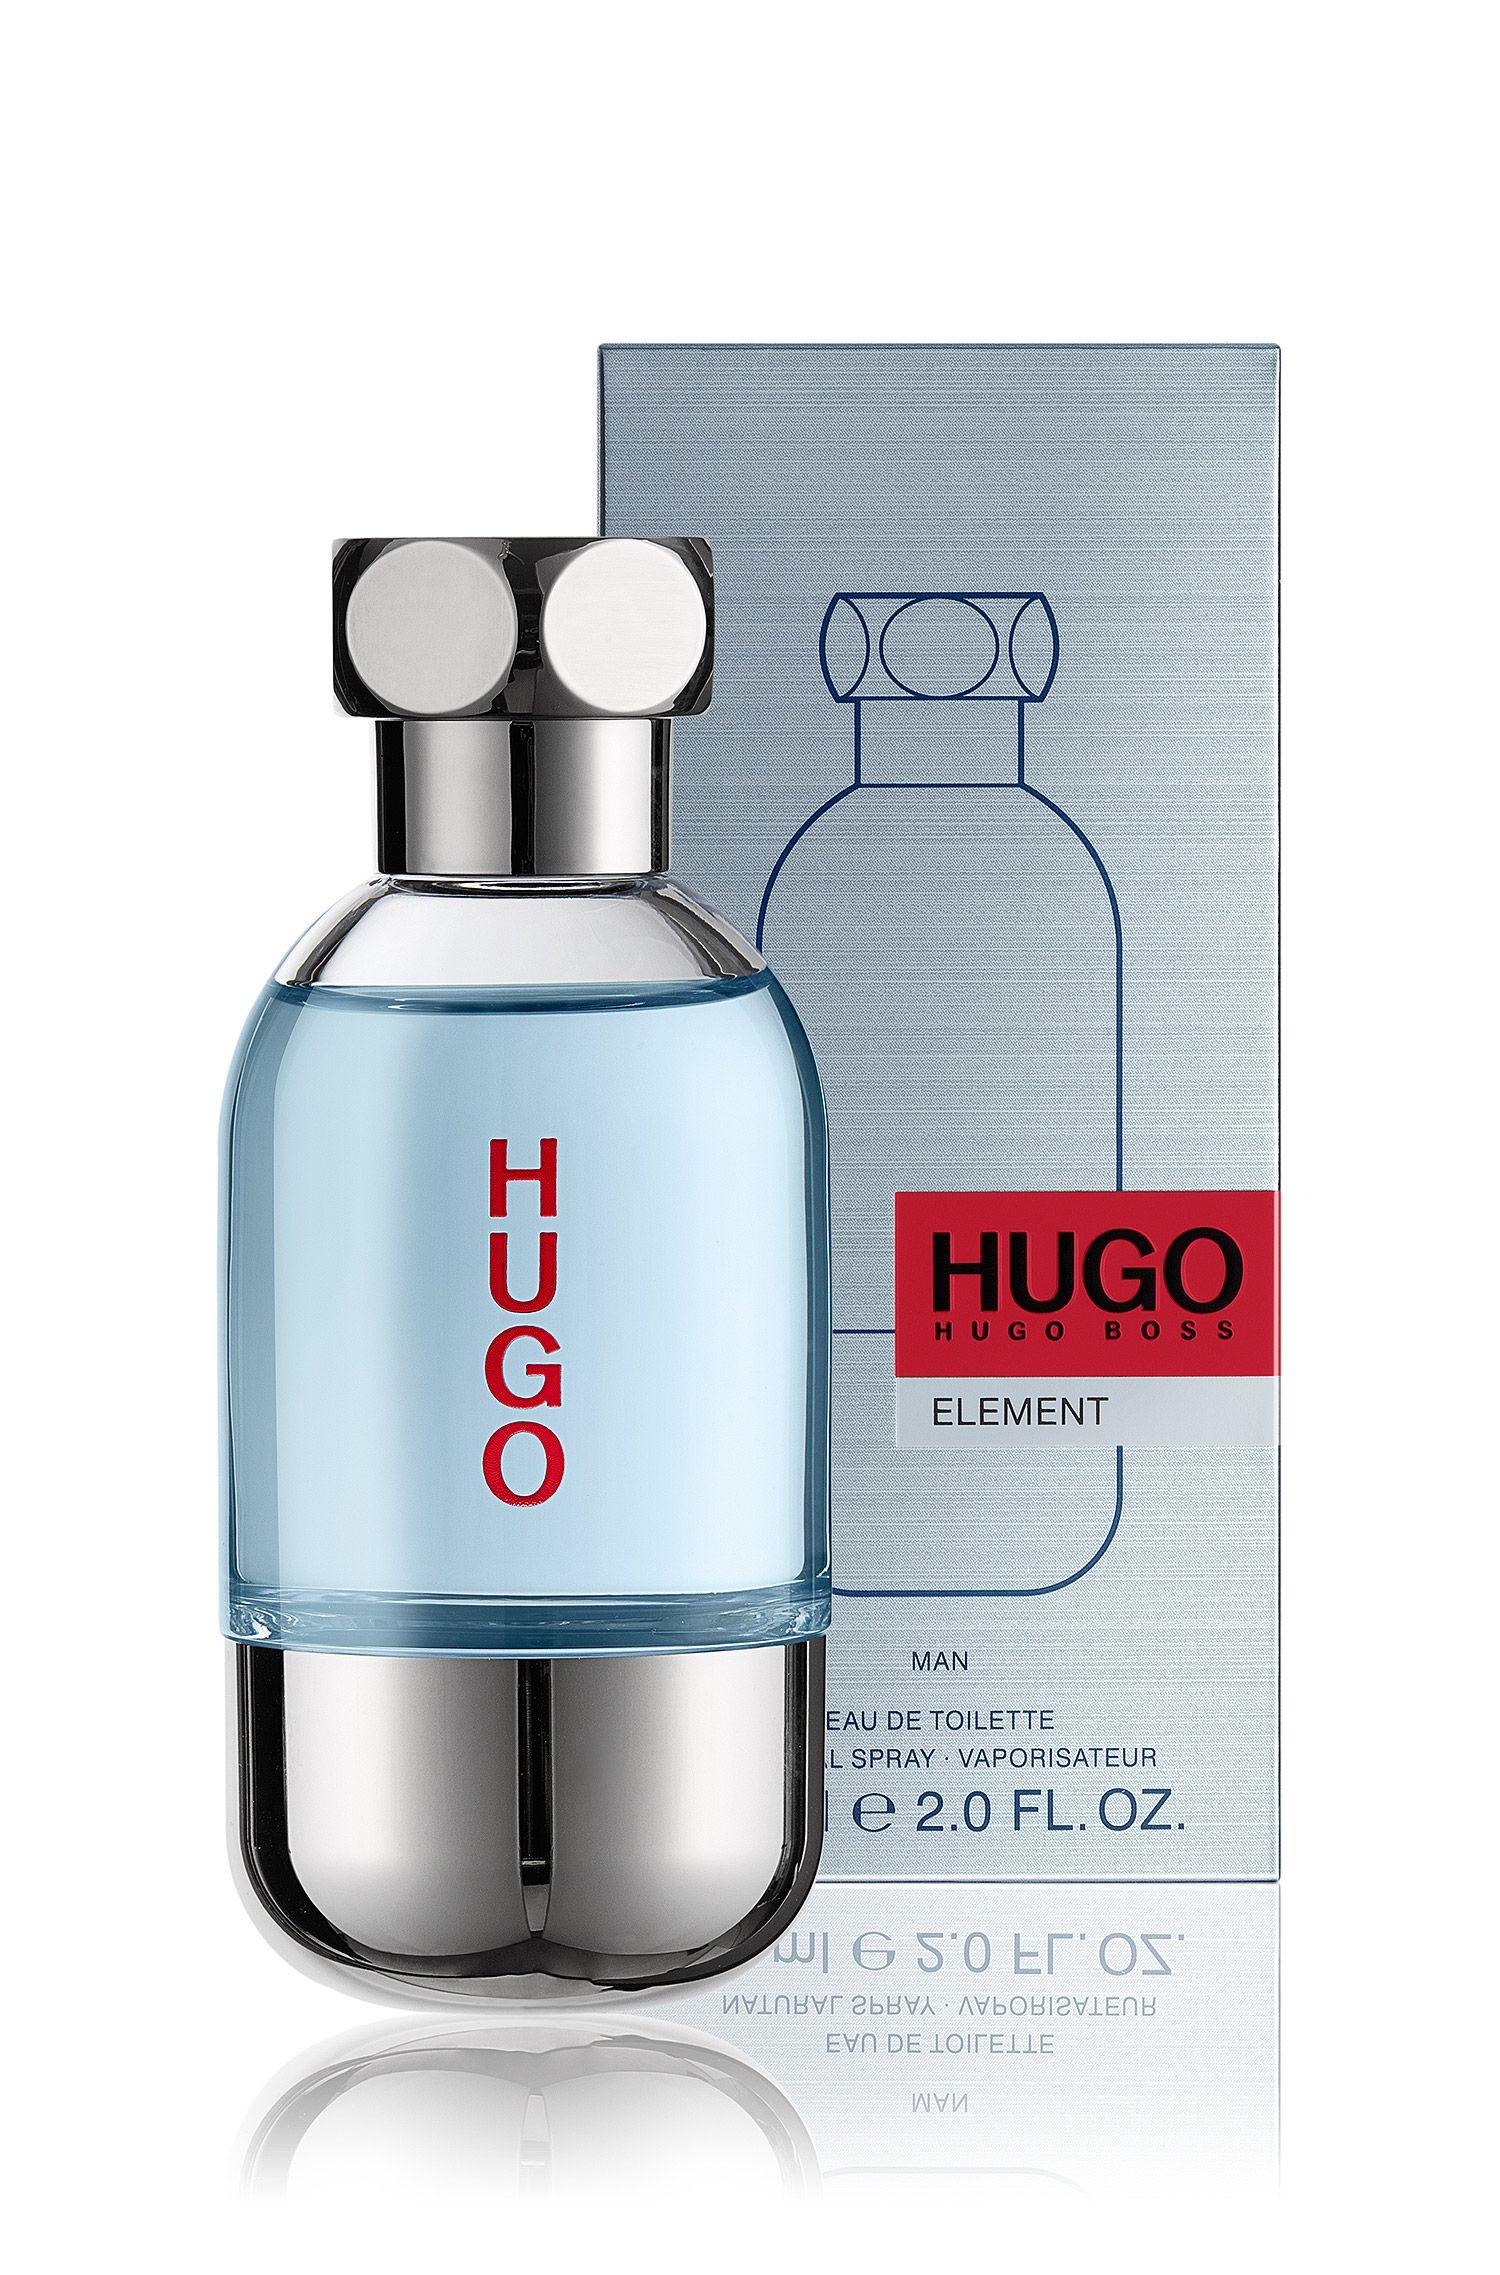 Eau de toilette HUGO Element 60ml